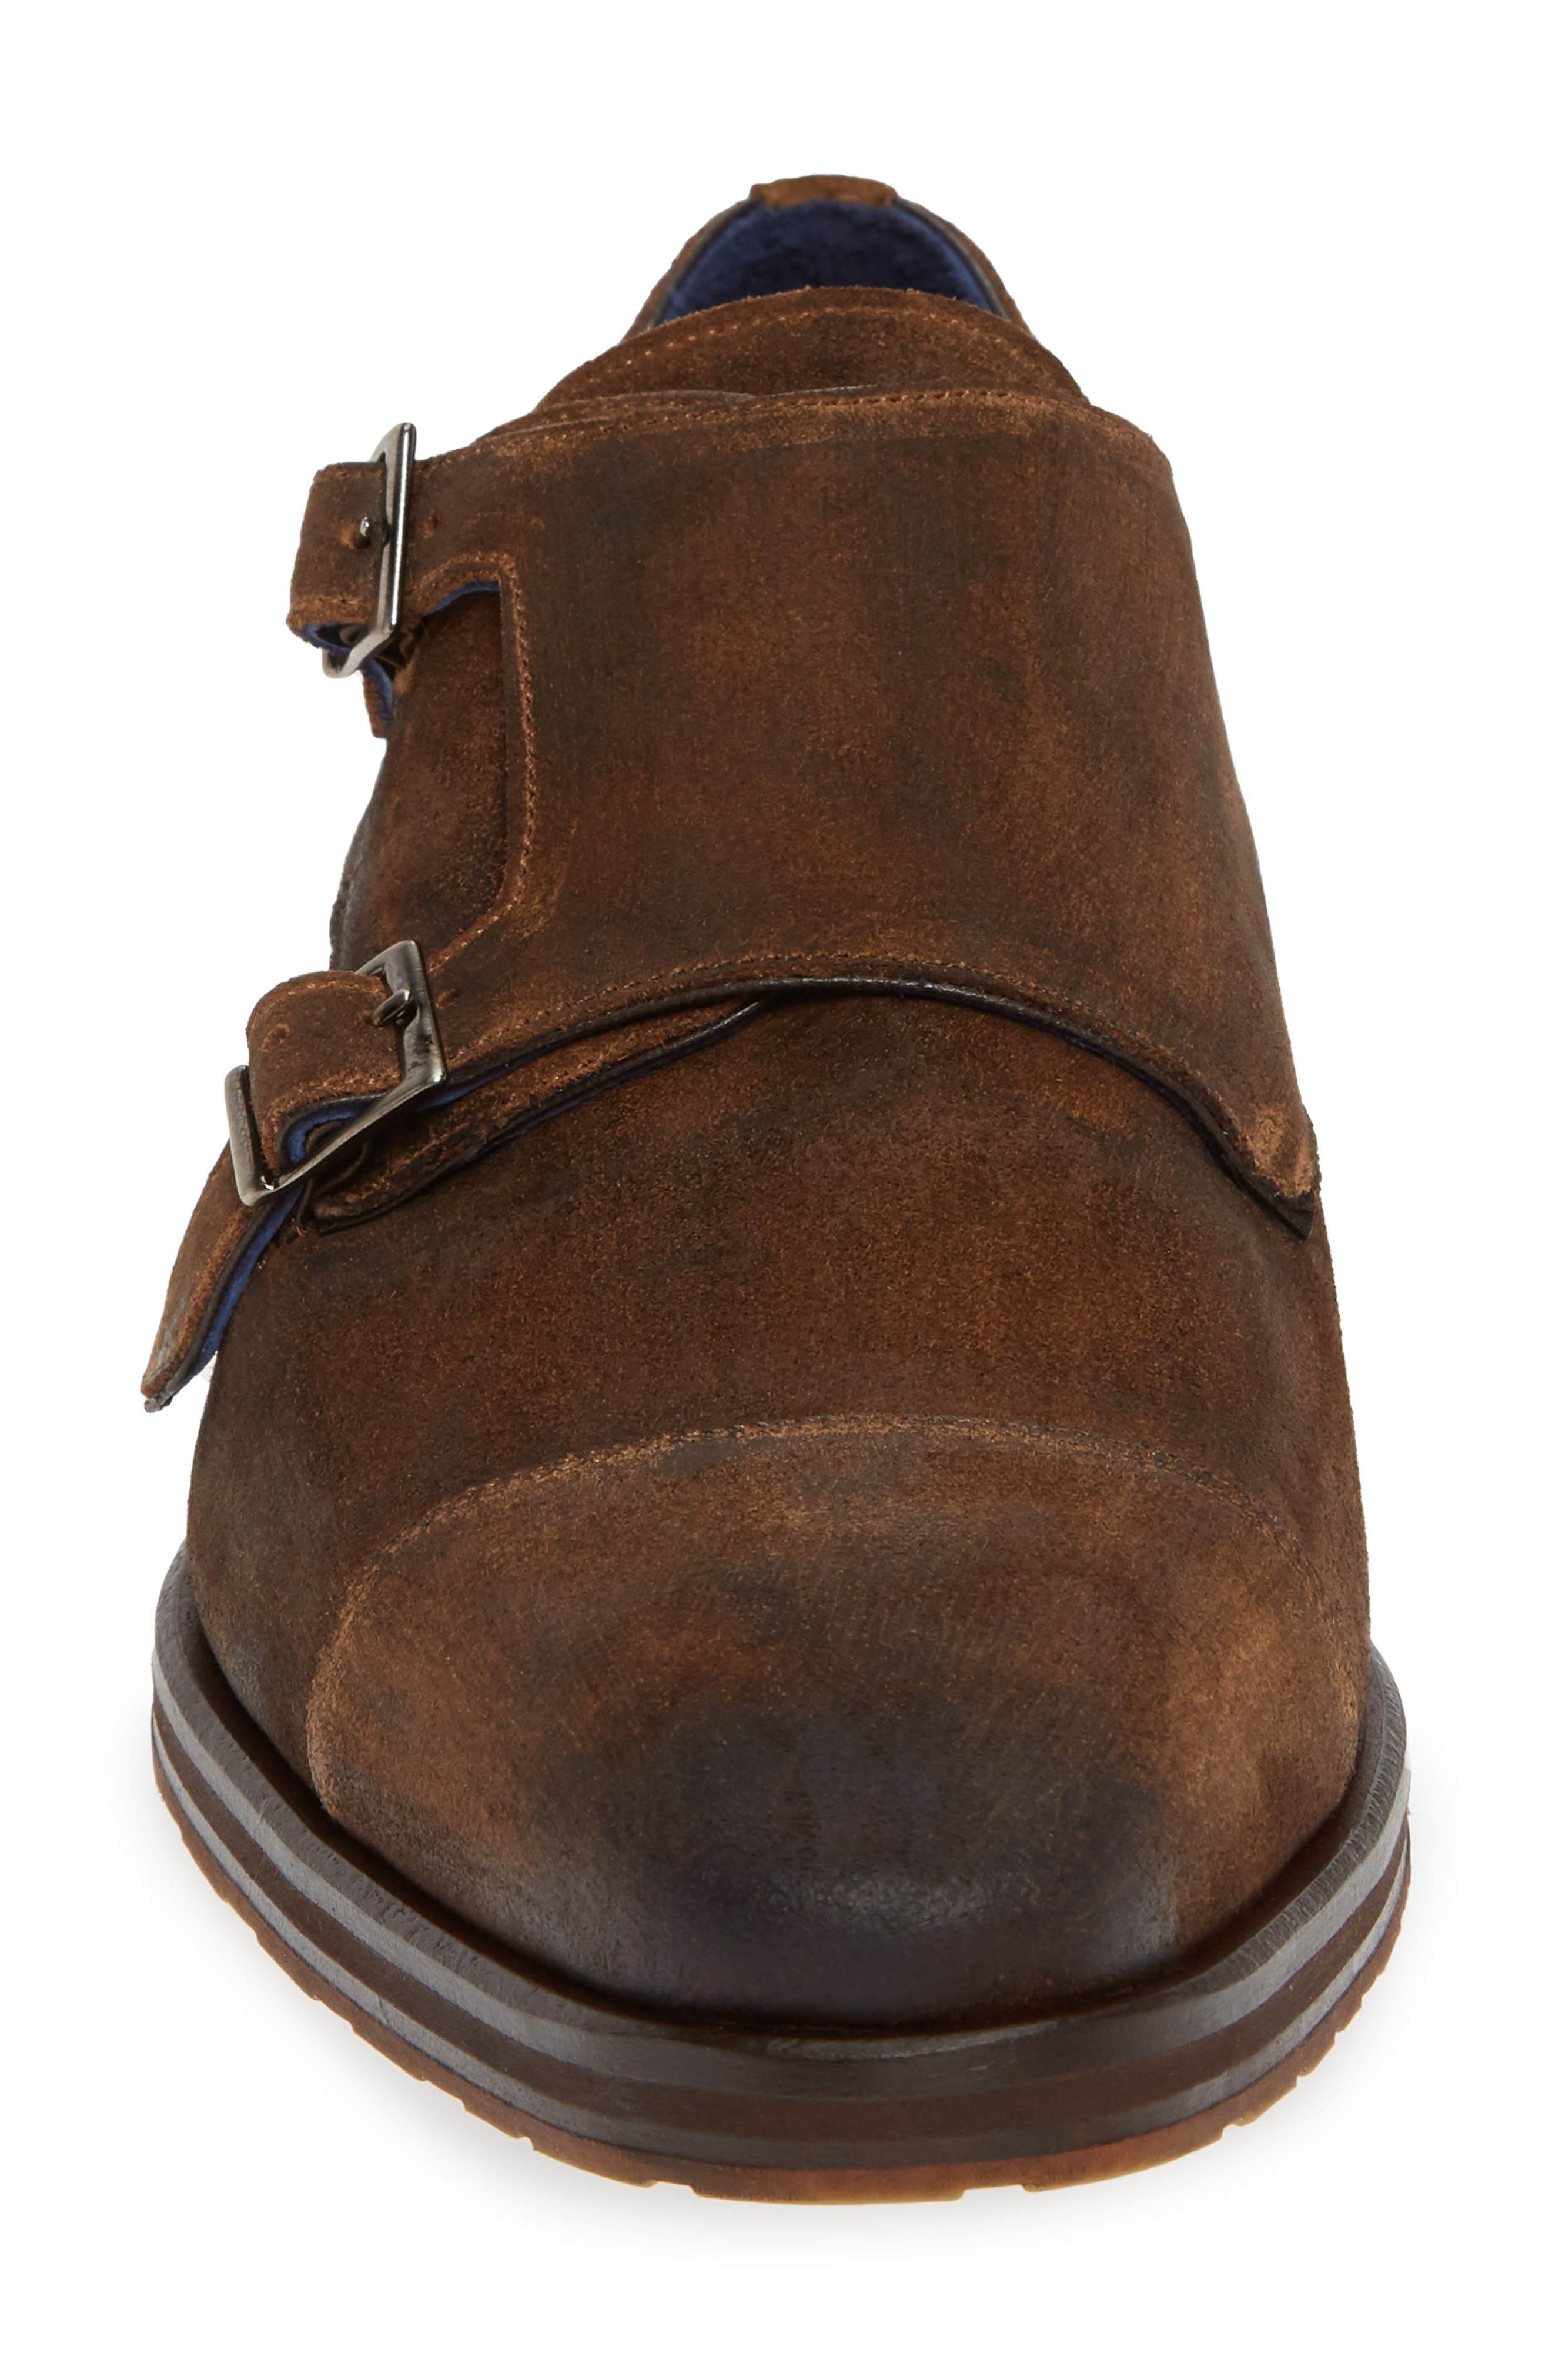 Miguel Double Monk Strap Shoe,                             Alternate thumbnail 4, color,                             TAN SUEDE